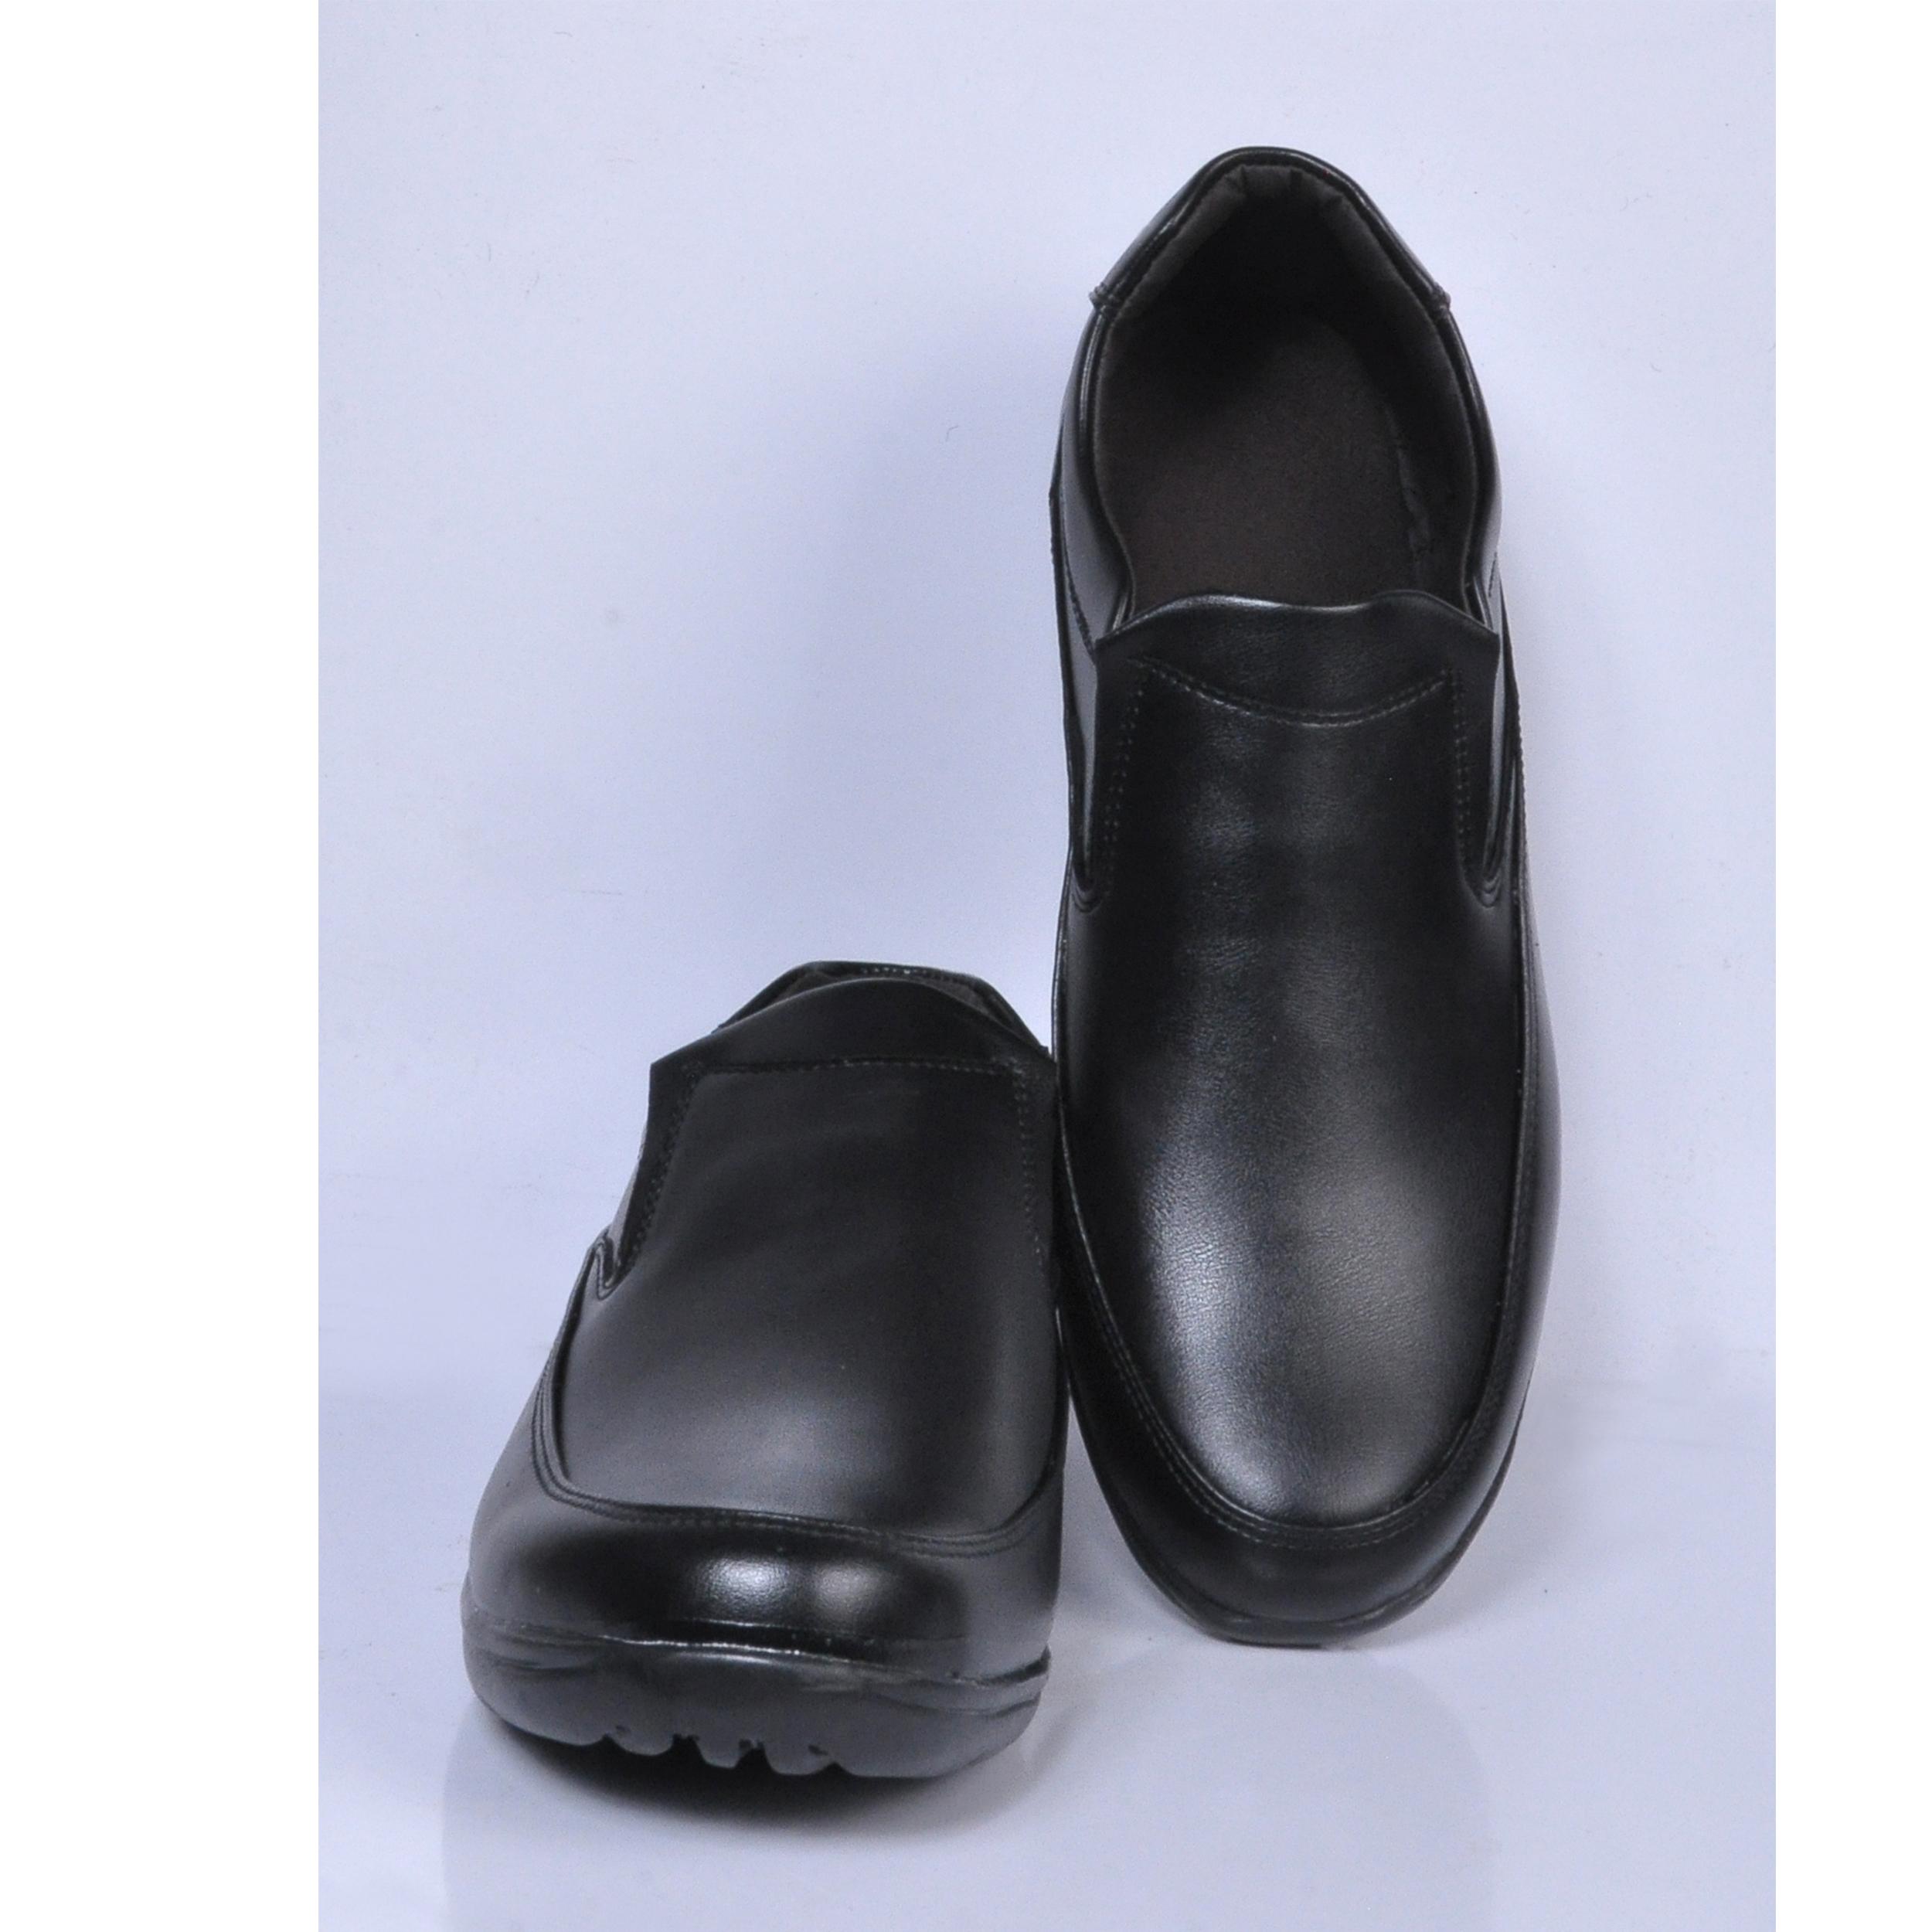 کفش روزمره مردانه کد m292m main 1 3